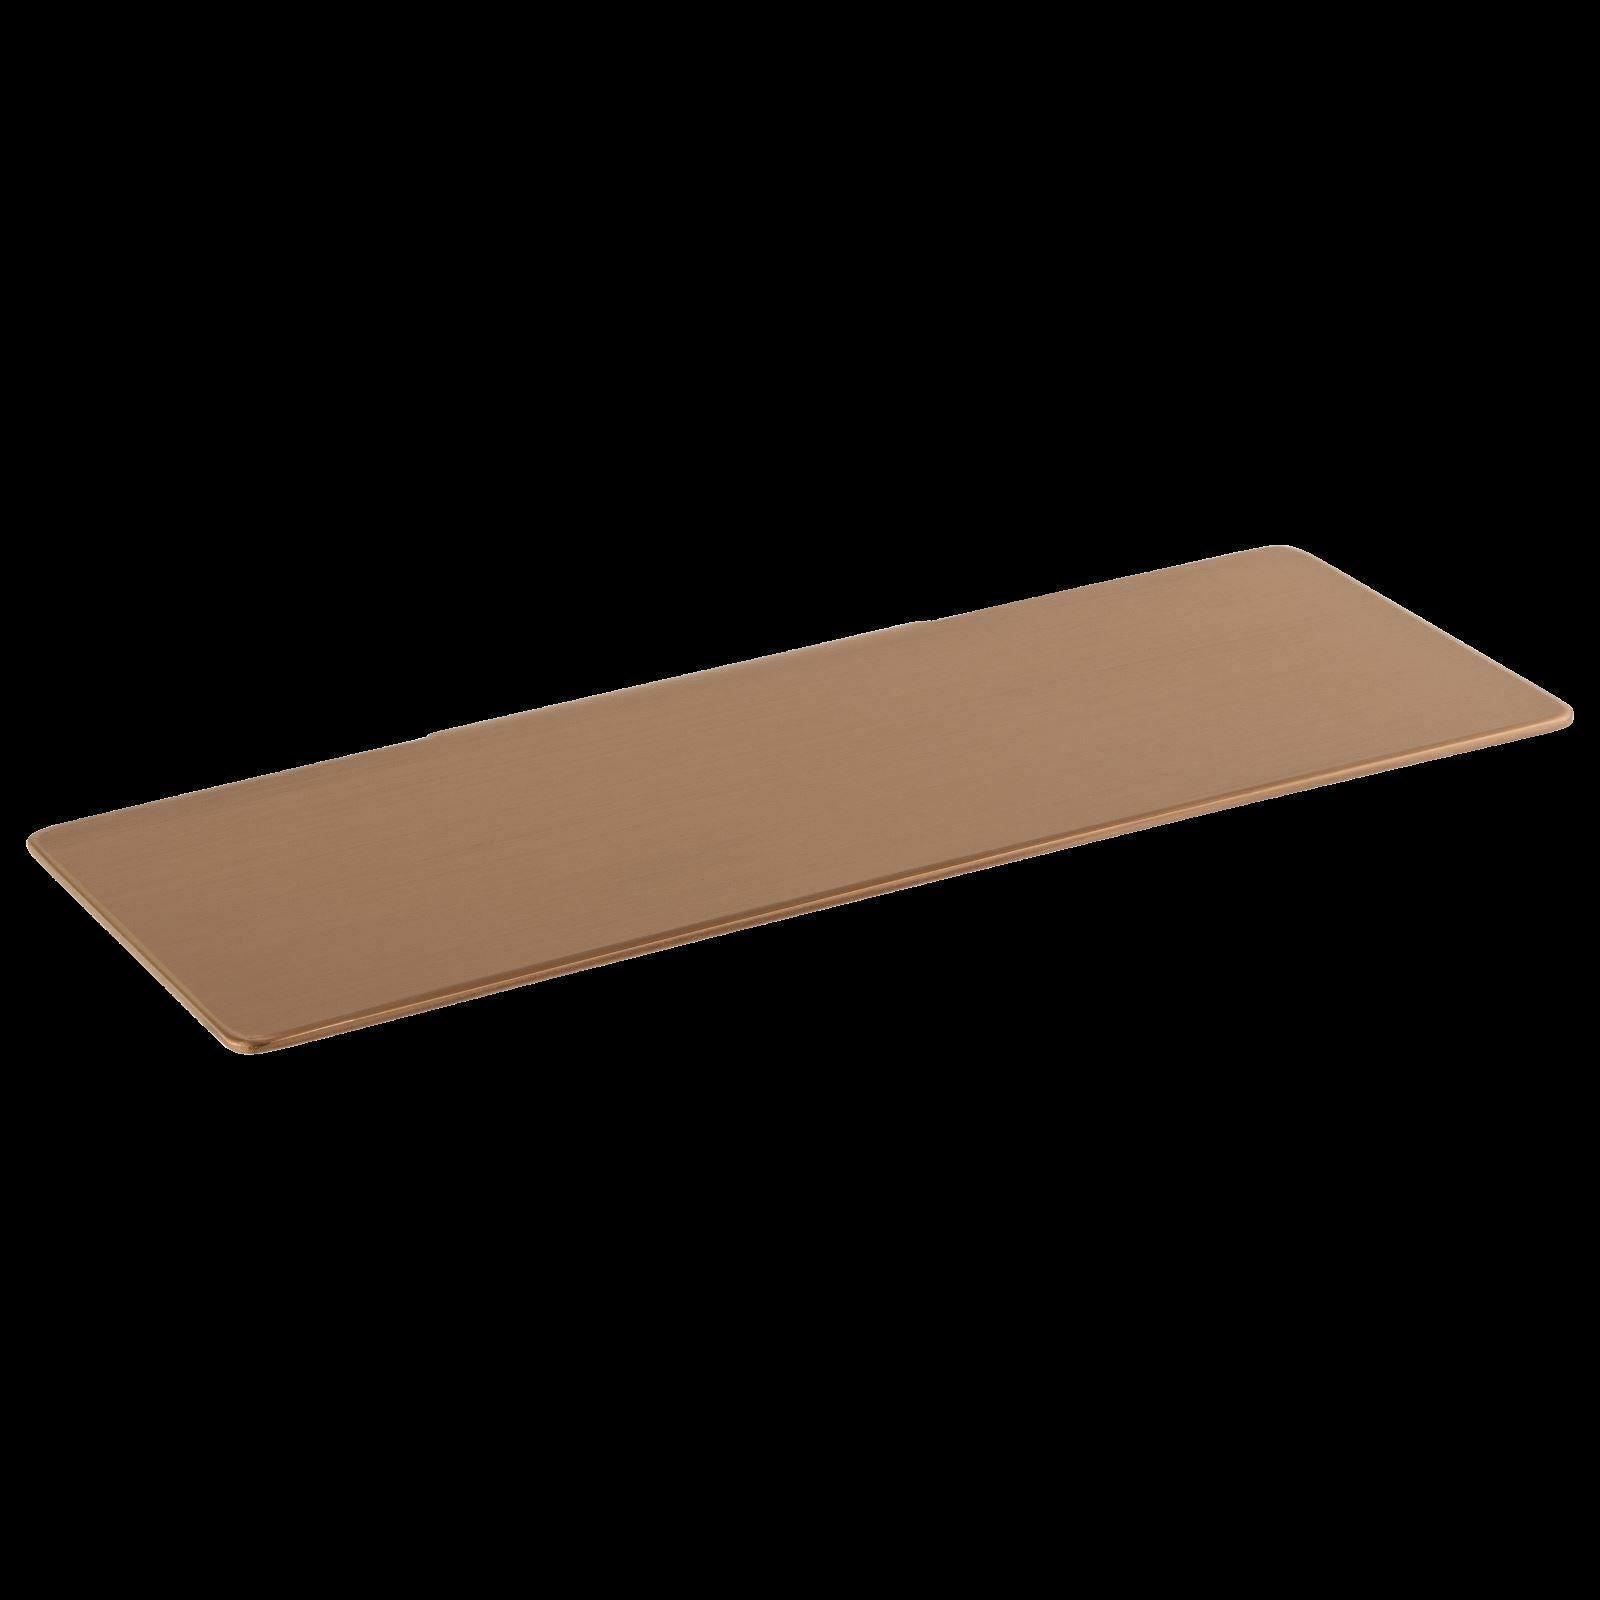 Shower Shelf Soap Dish 440 mm rack Burnished rose Gold Copper gunmetal bathroom